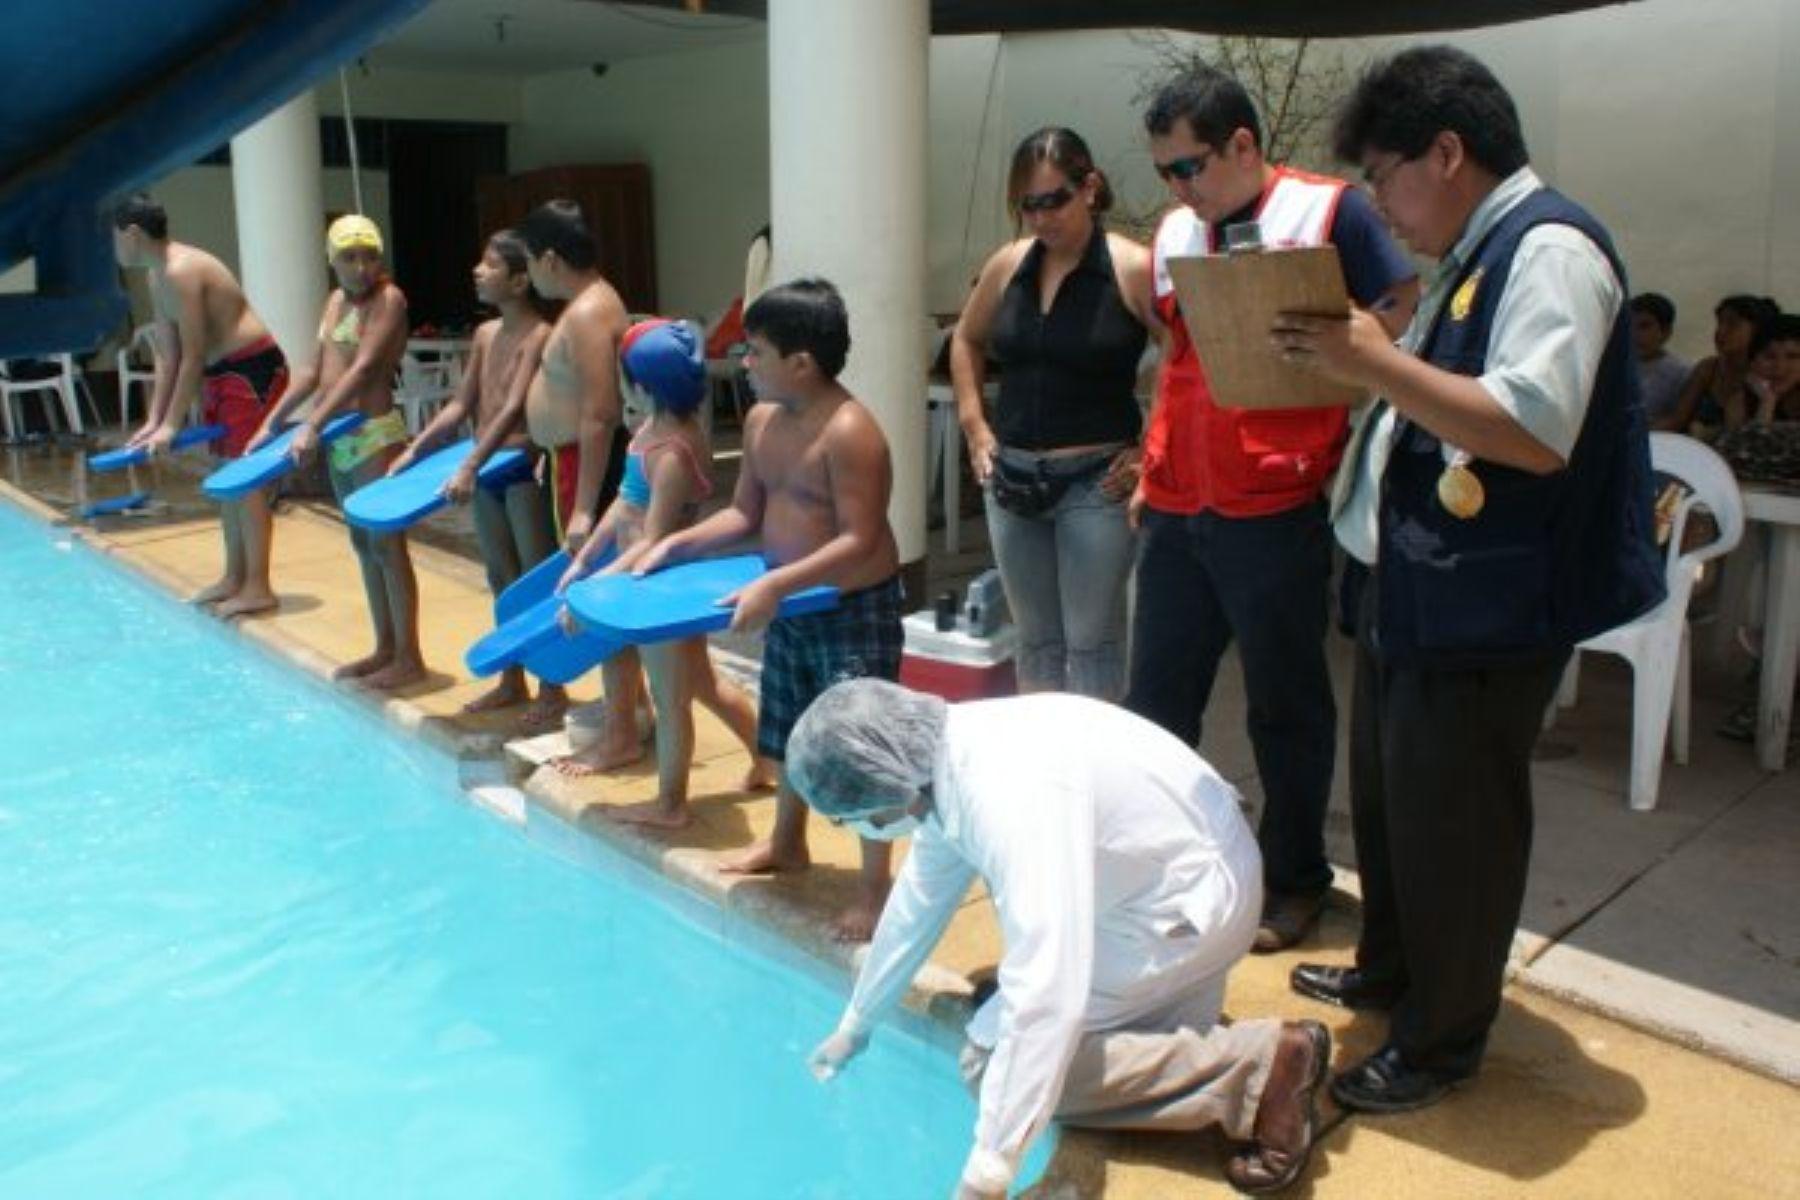 Cierran piscinas con agua turbia y ba os en mal estado de for Piscina turbia